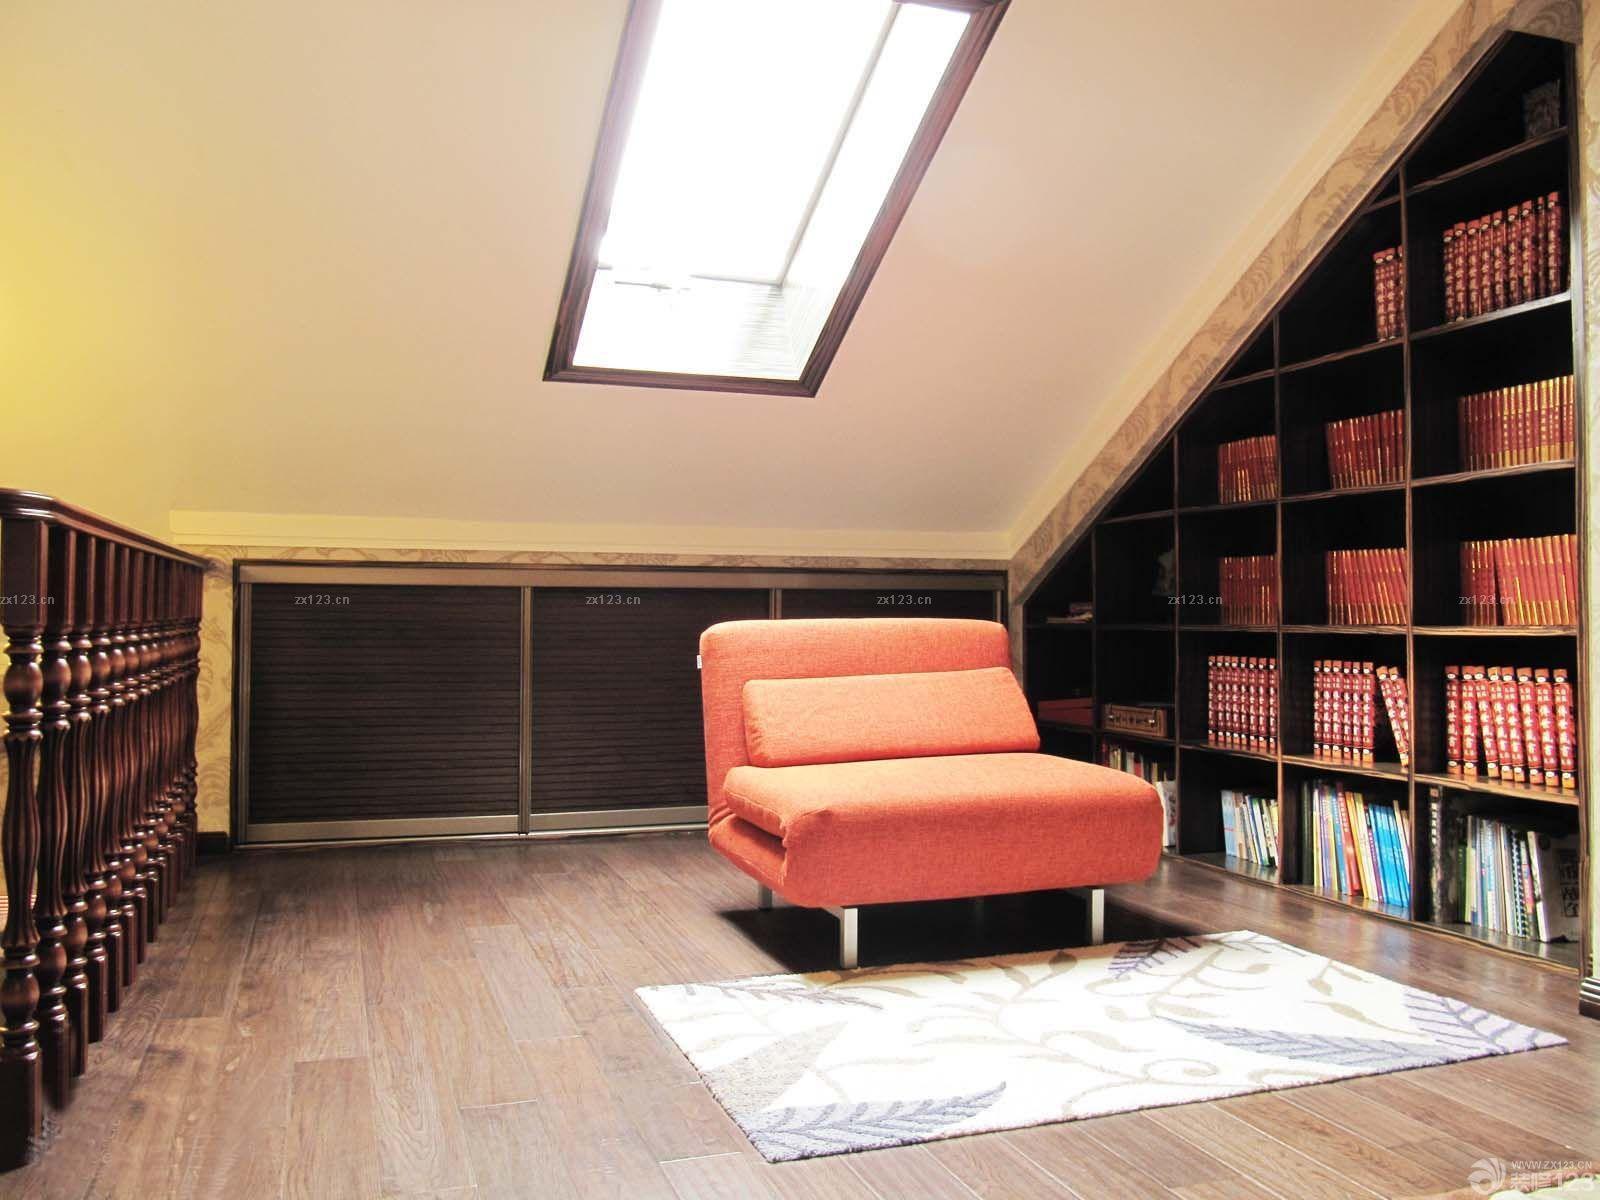 装修效果图 家居设计 2015经典美式风格顶层小户型尖阁楼书房装修实景